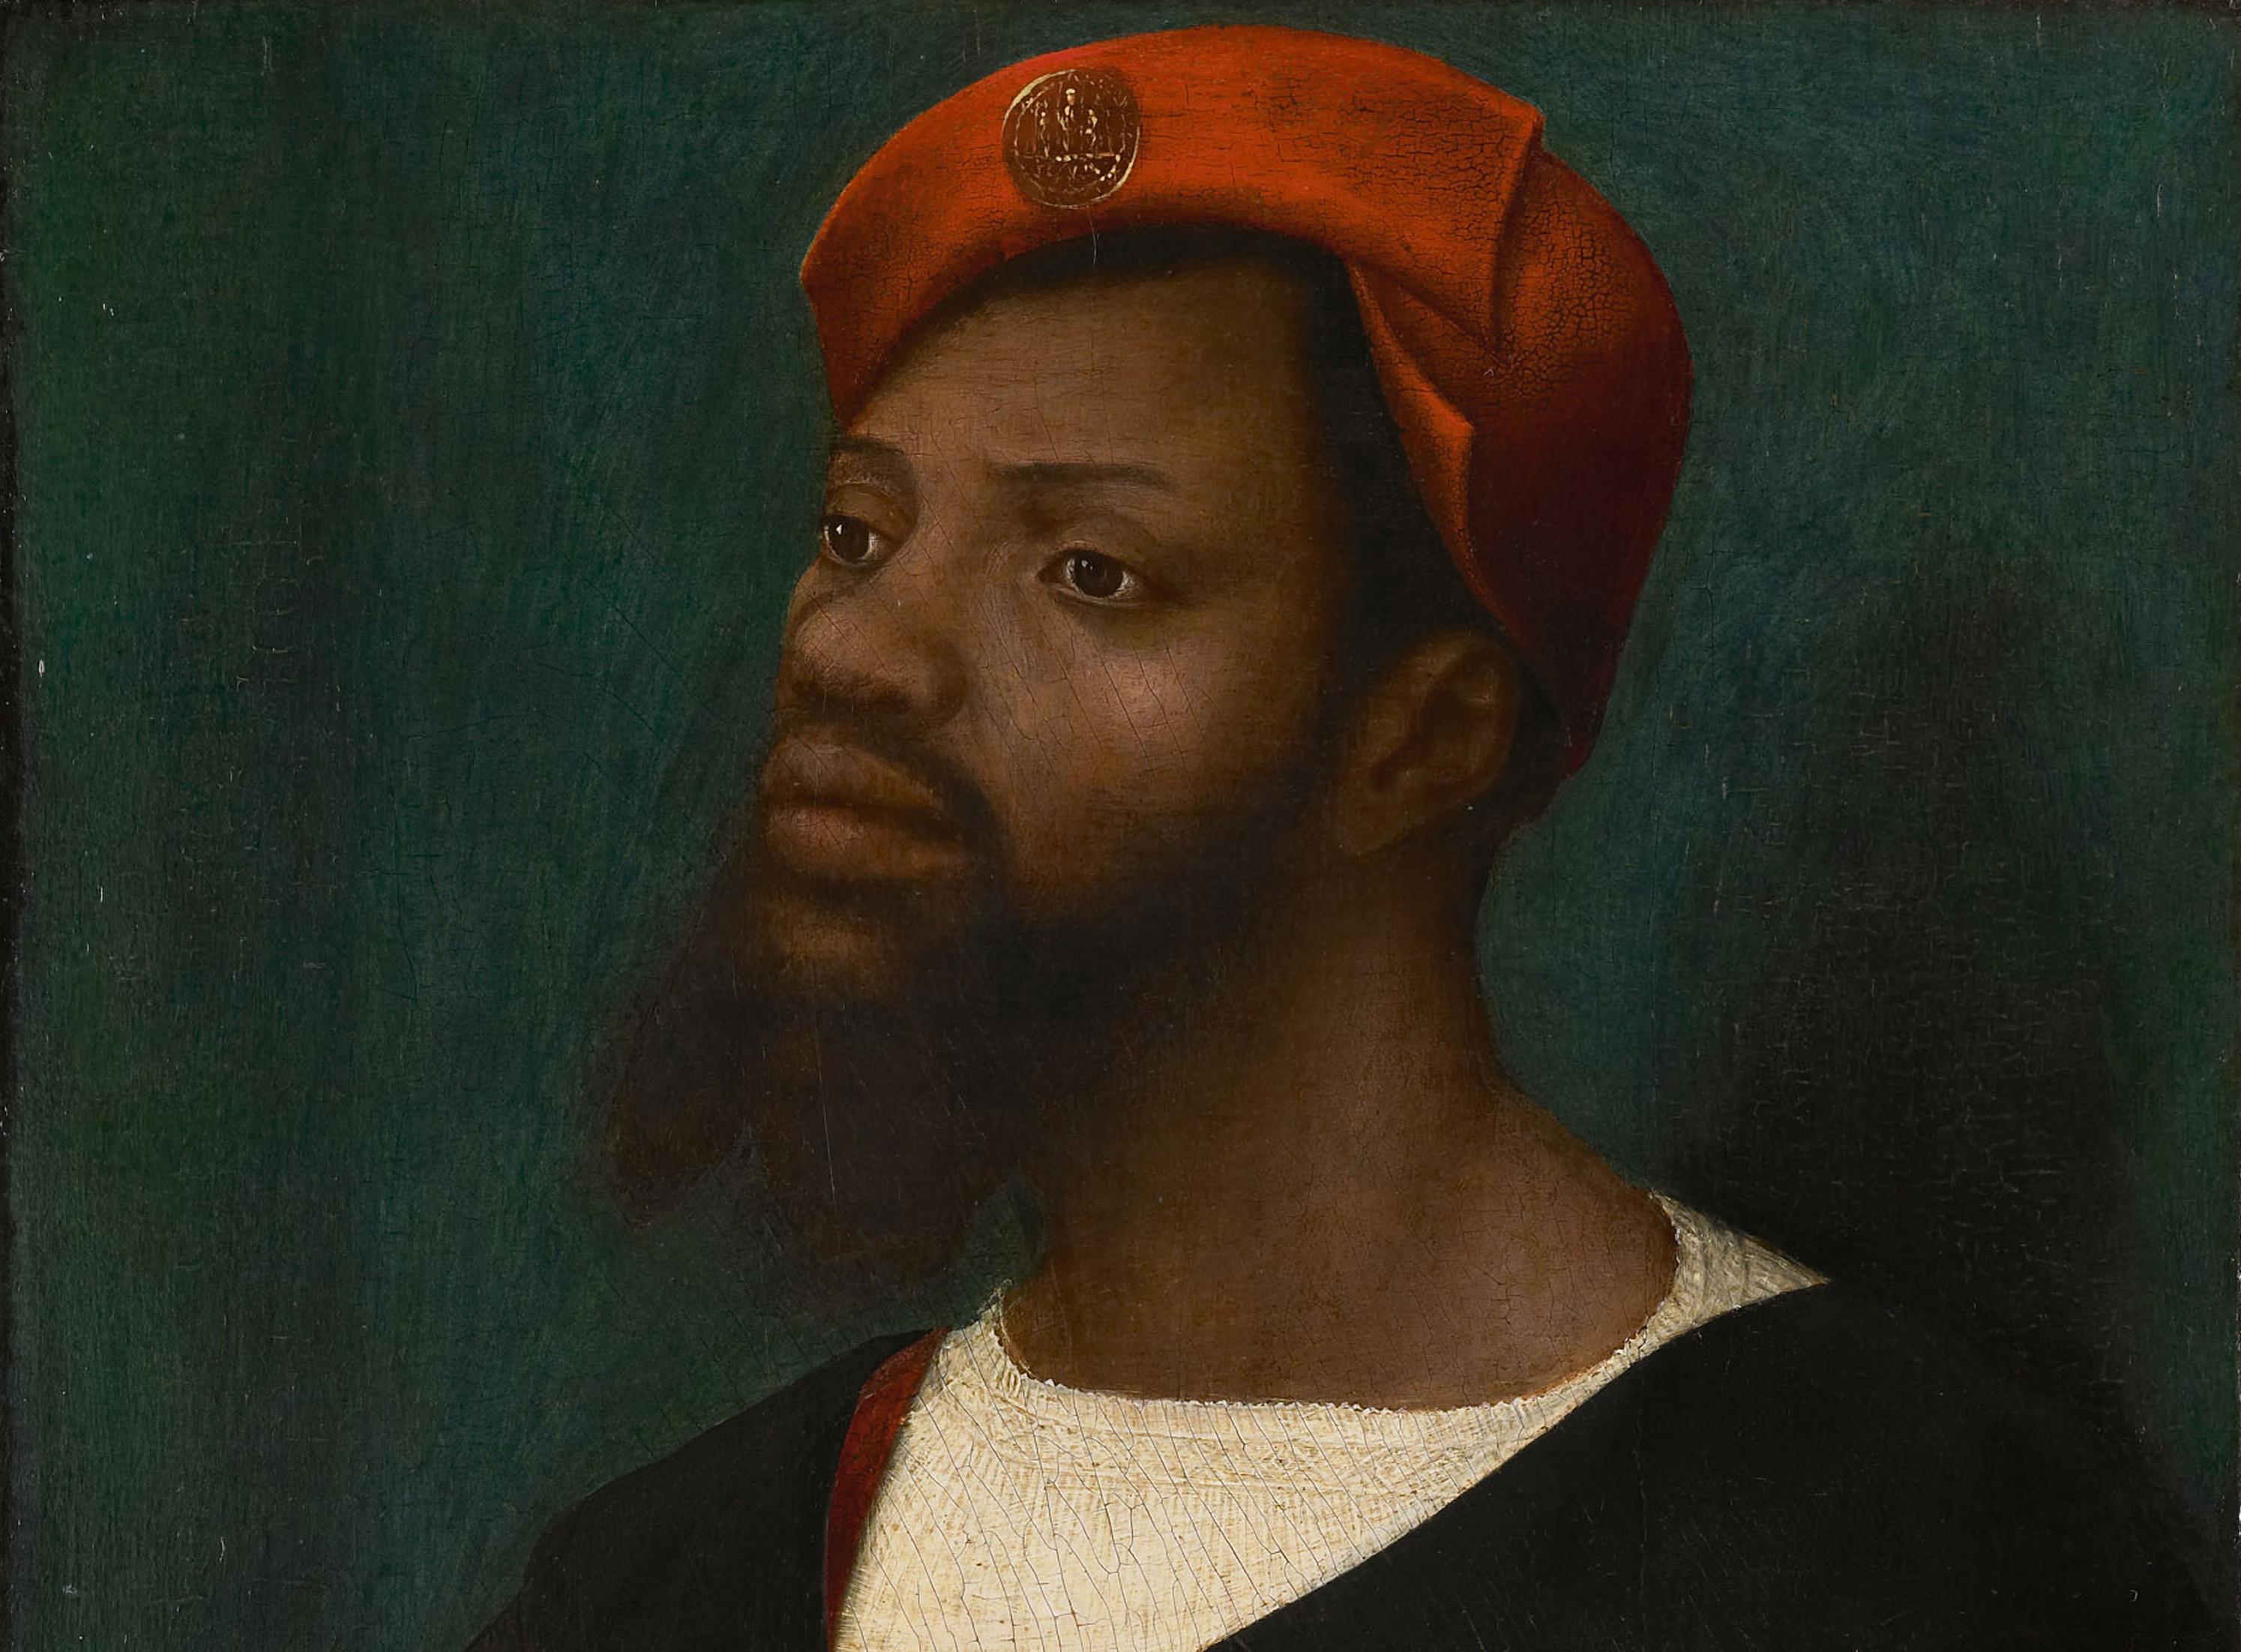 Portrait of an African man